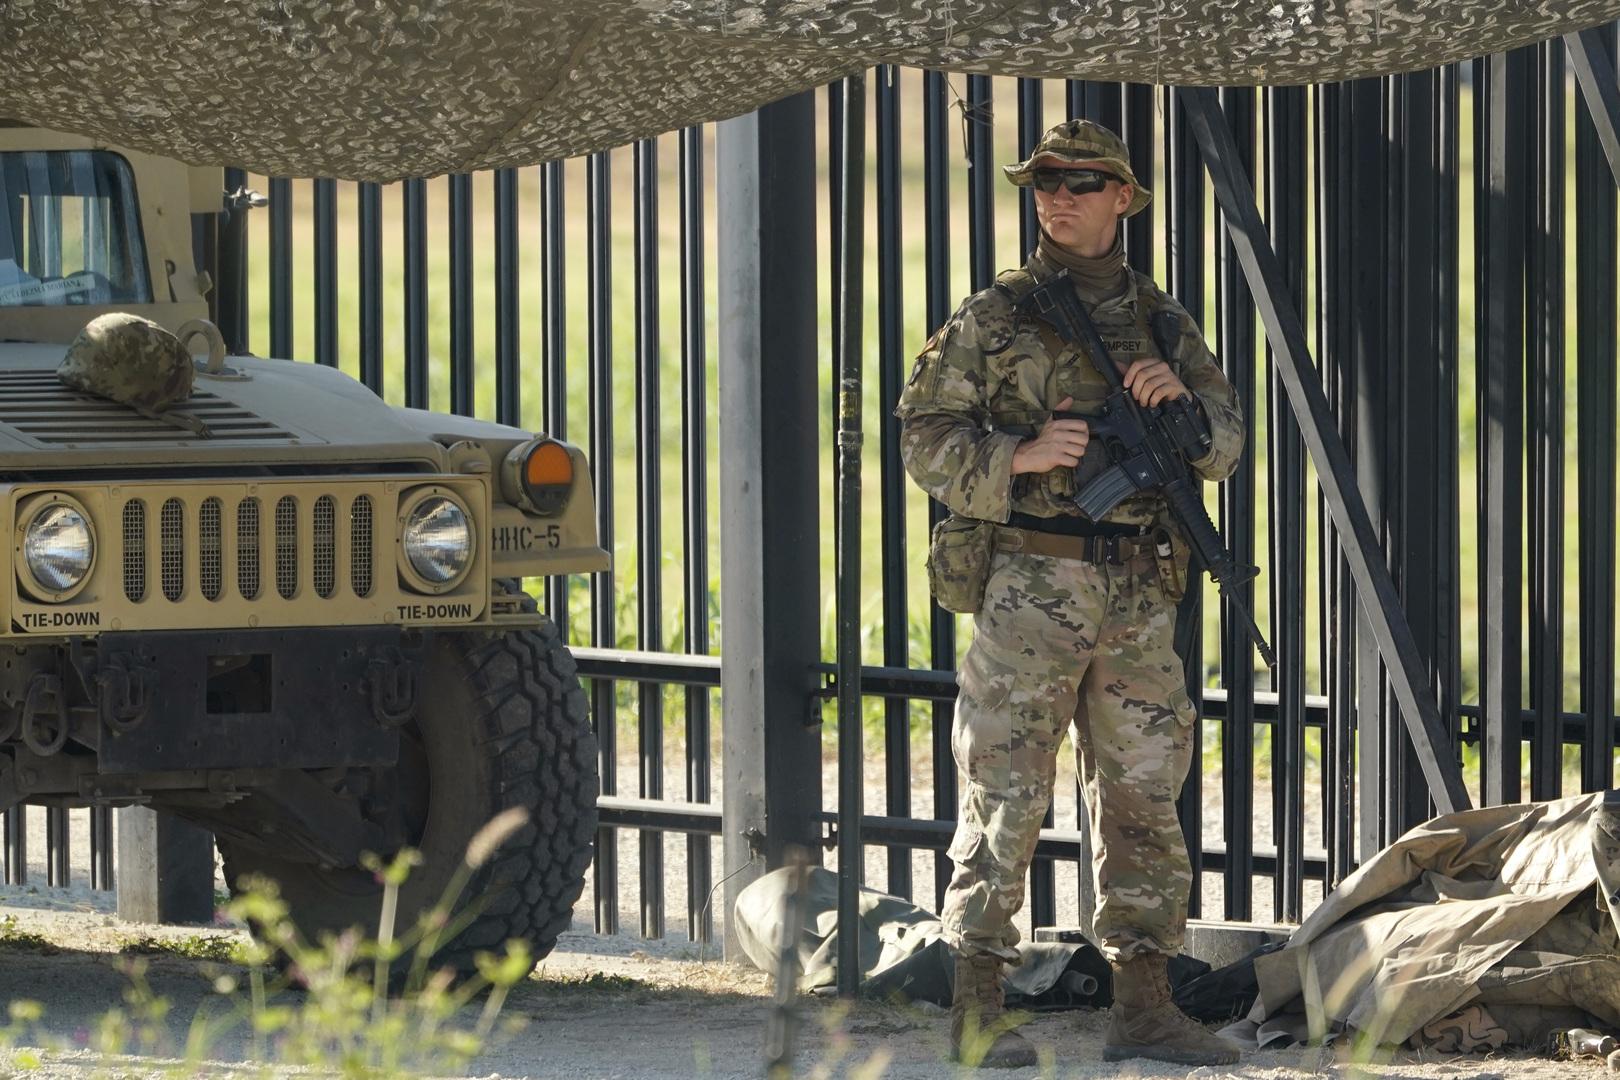 الولايات المتحدة تغلق جانبا من الحدود مع المكسيك لمنع تدفق اللاجئين